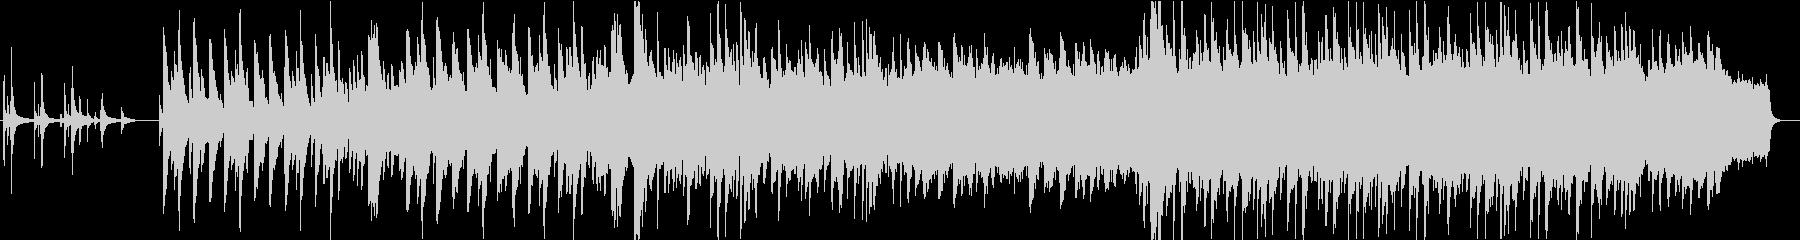 カノンモチーフの厳かなピアノバラードの未再生の波形